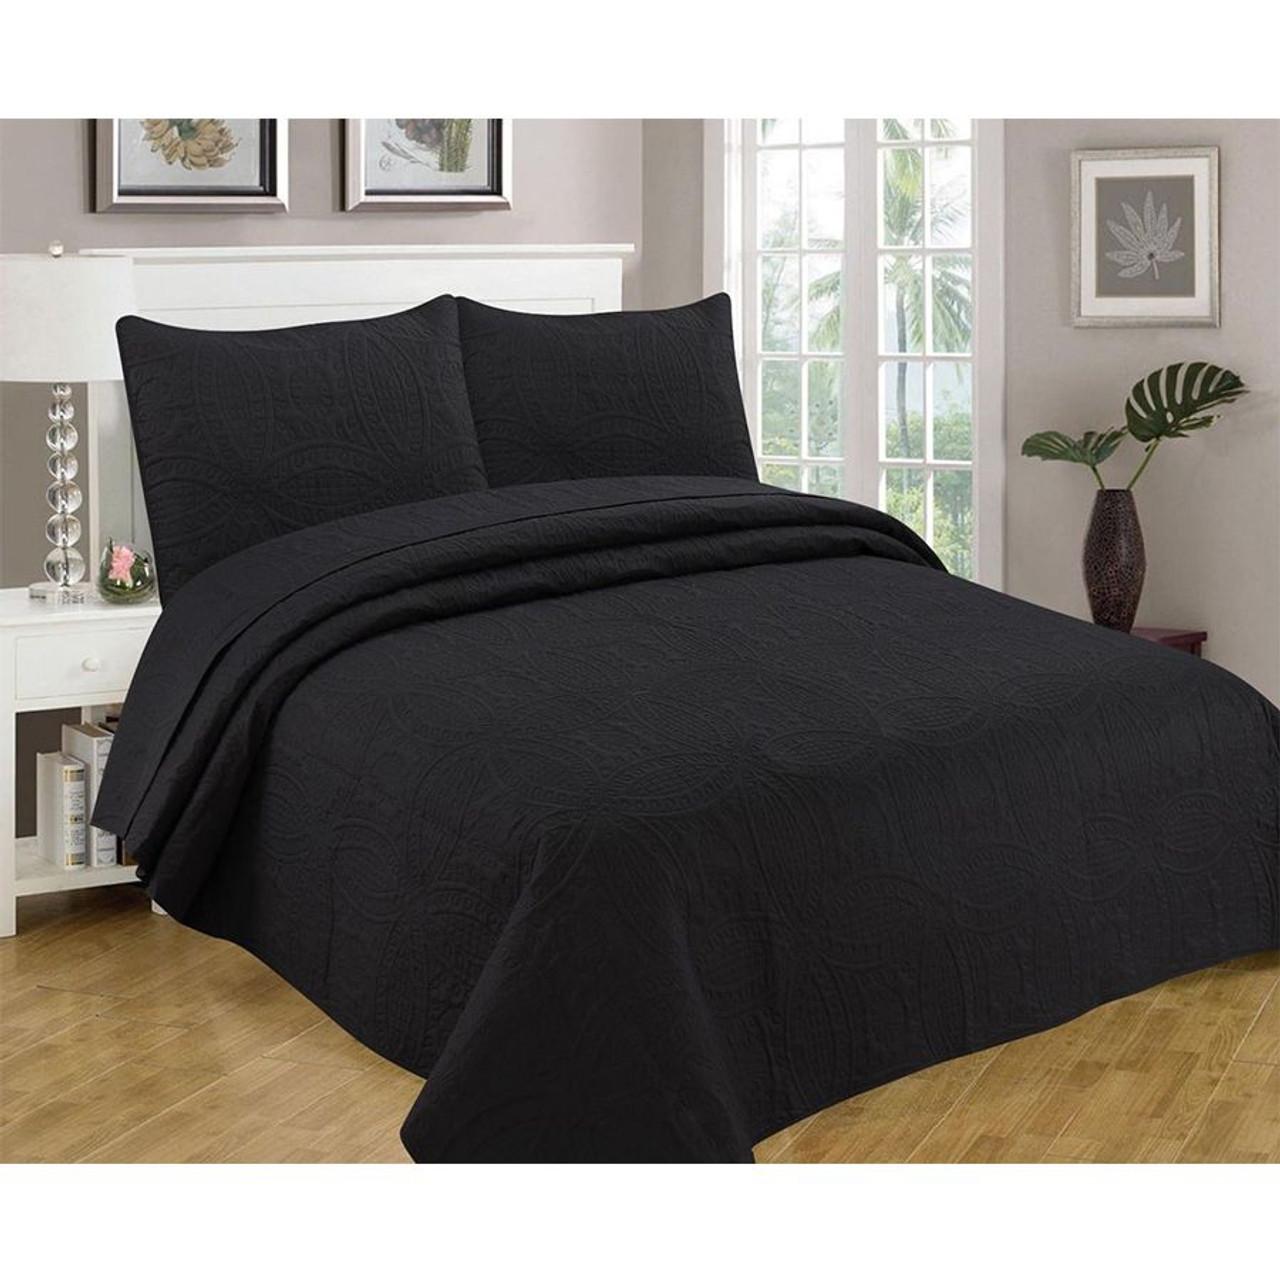 3 Pc Oversized Bedspread Coverlet Set Black Color